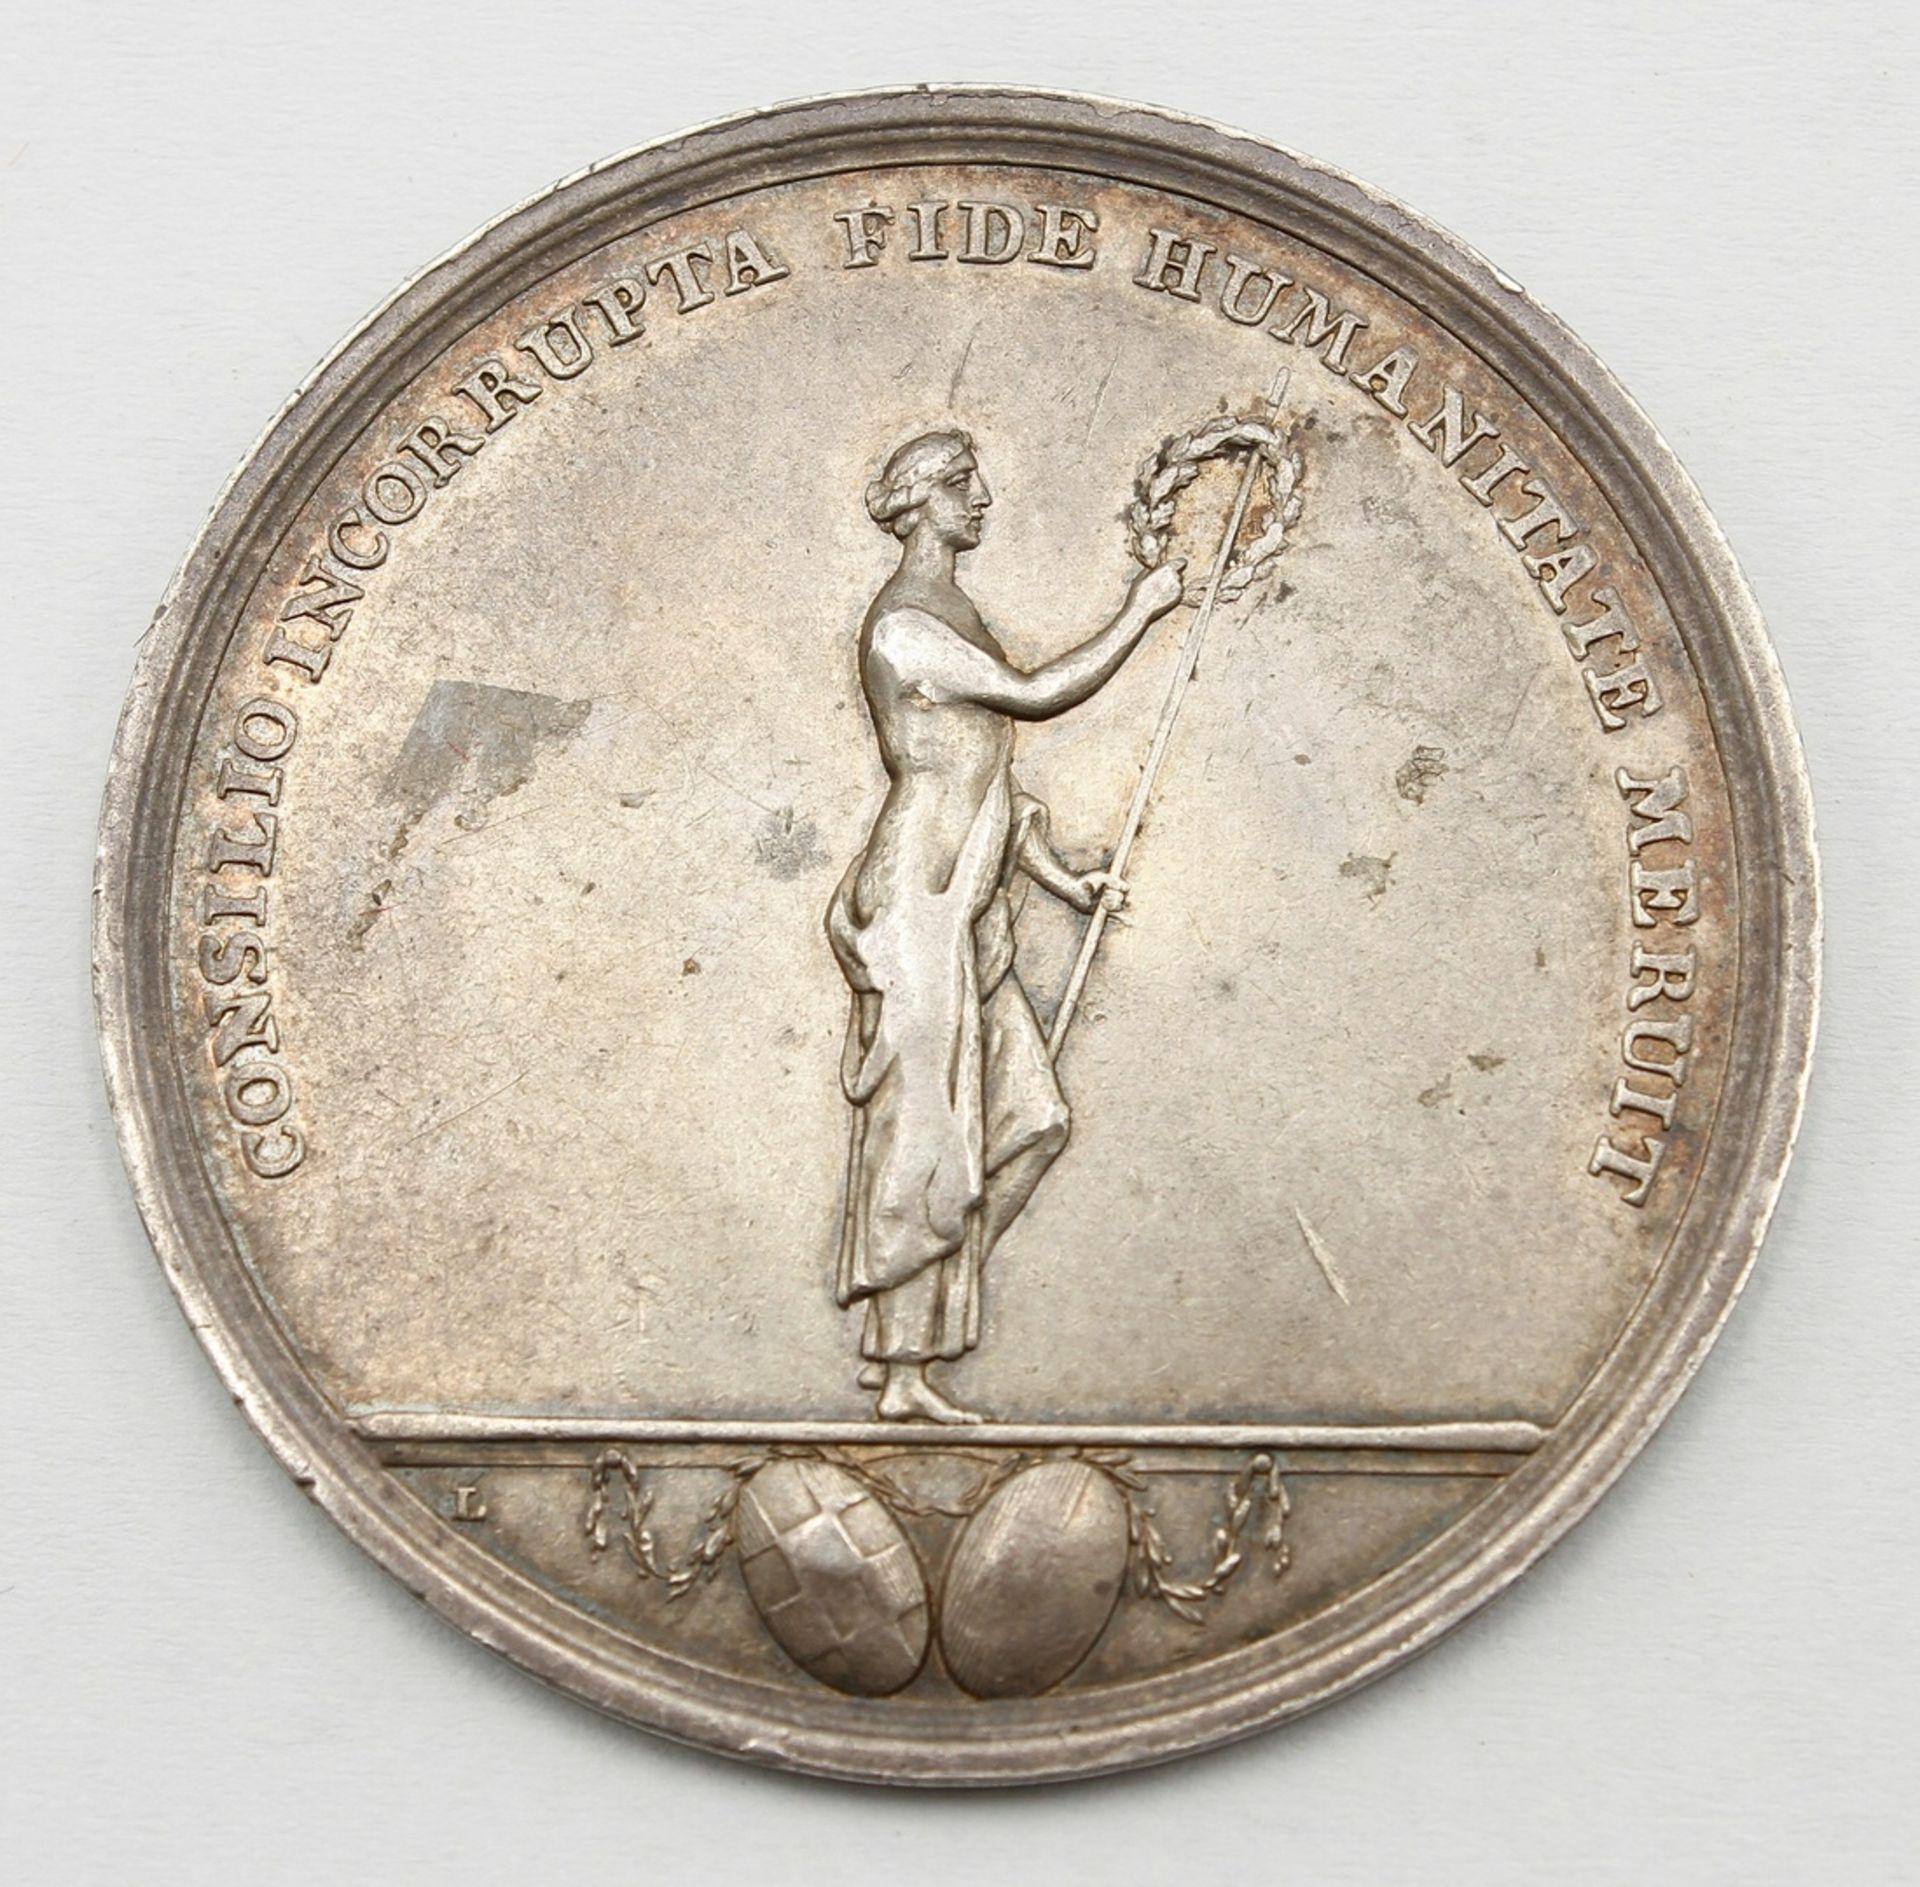 Jubiläums Medaille Halberstadt, 1802, J. J. Albert Hecht - Bild 2 aus 2